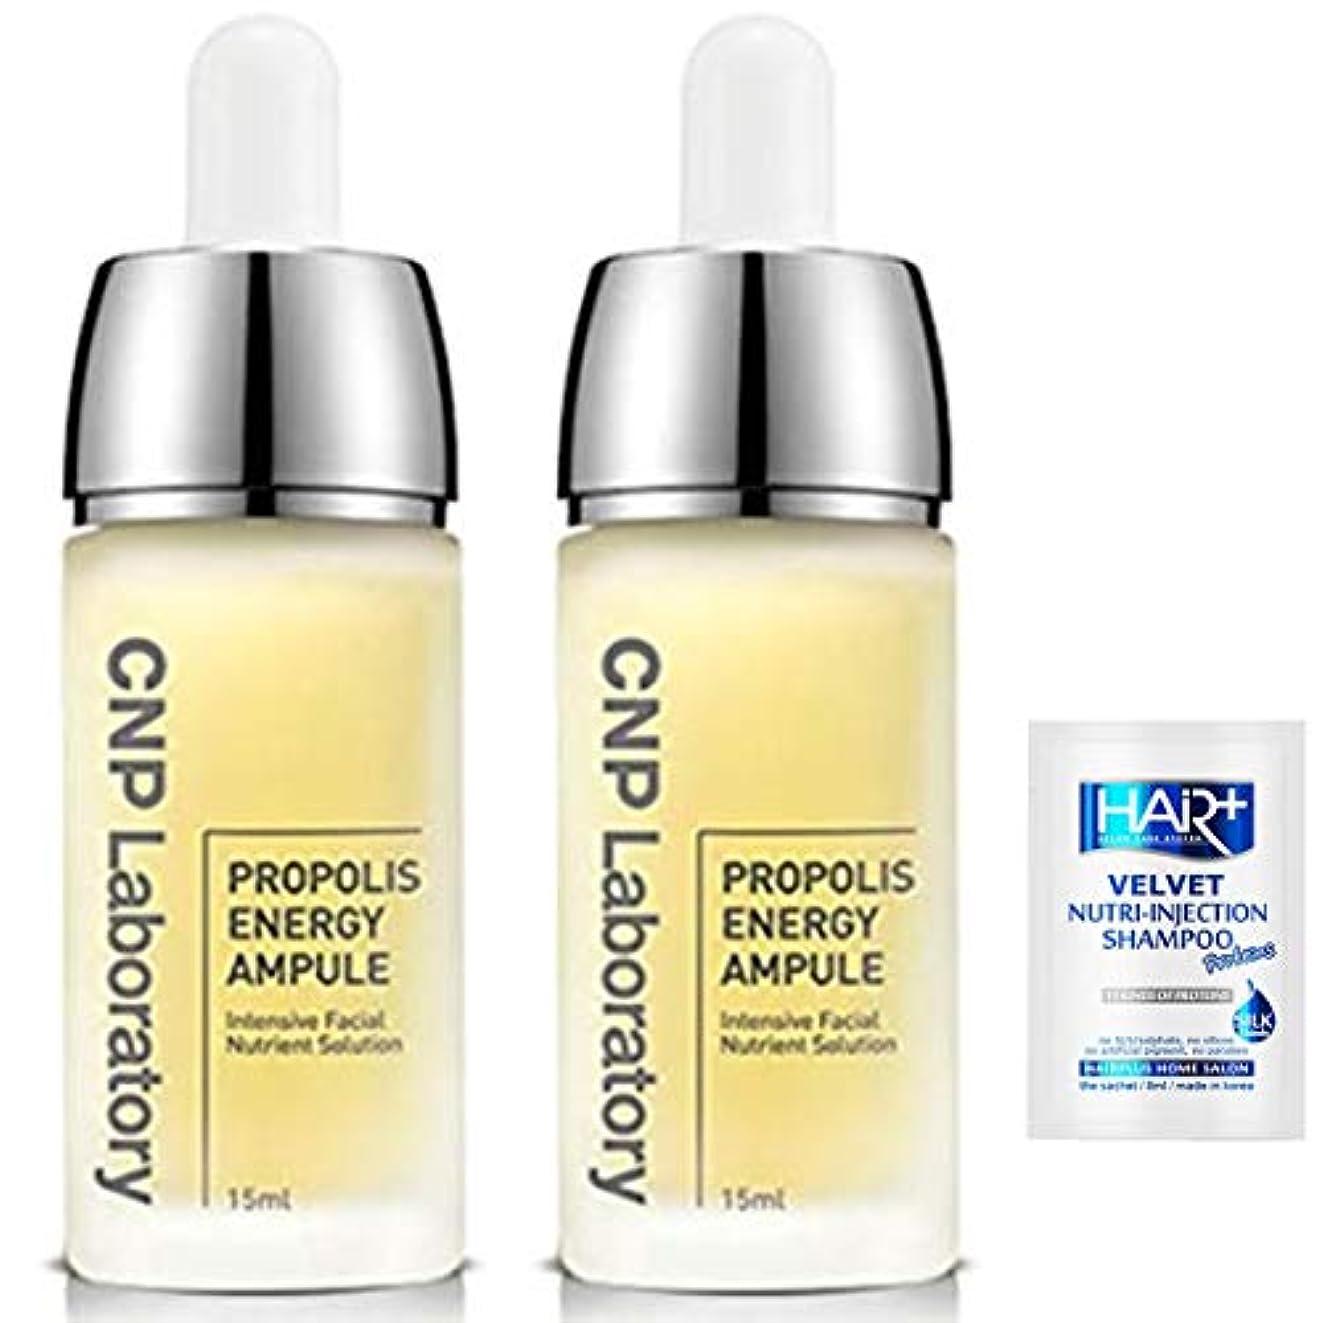 洋服軽関連する【CNP Laboratory】プロポリス エネルギーアンプル 15ml X 2EA+HairPlus NonSilicon Shampoo 8ml